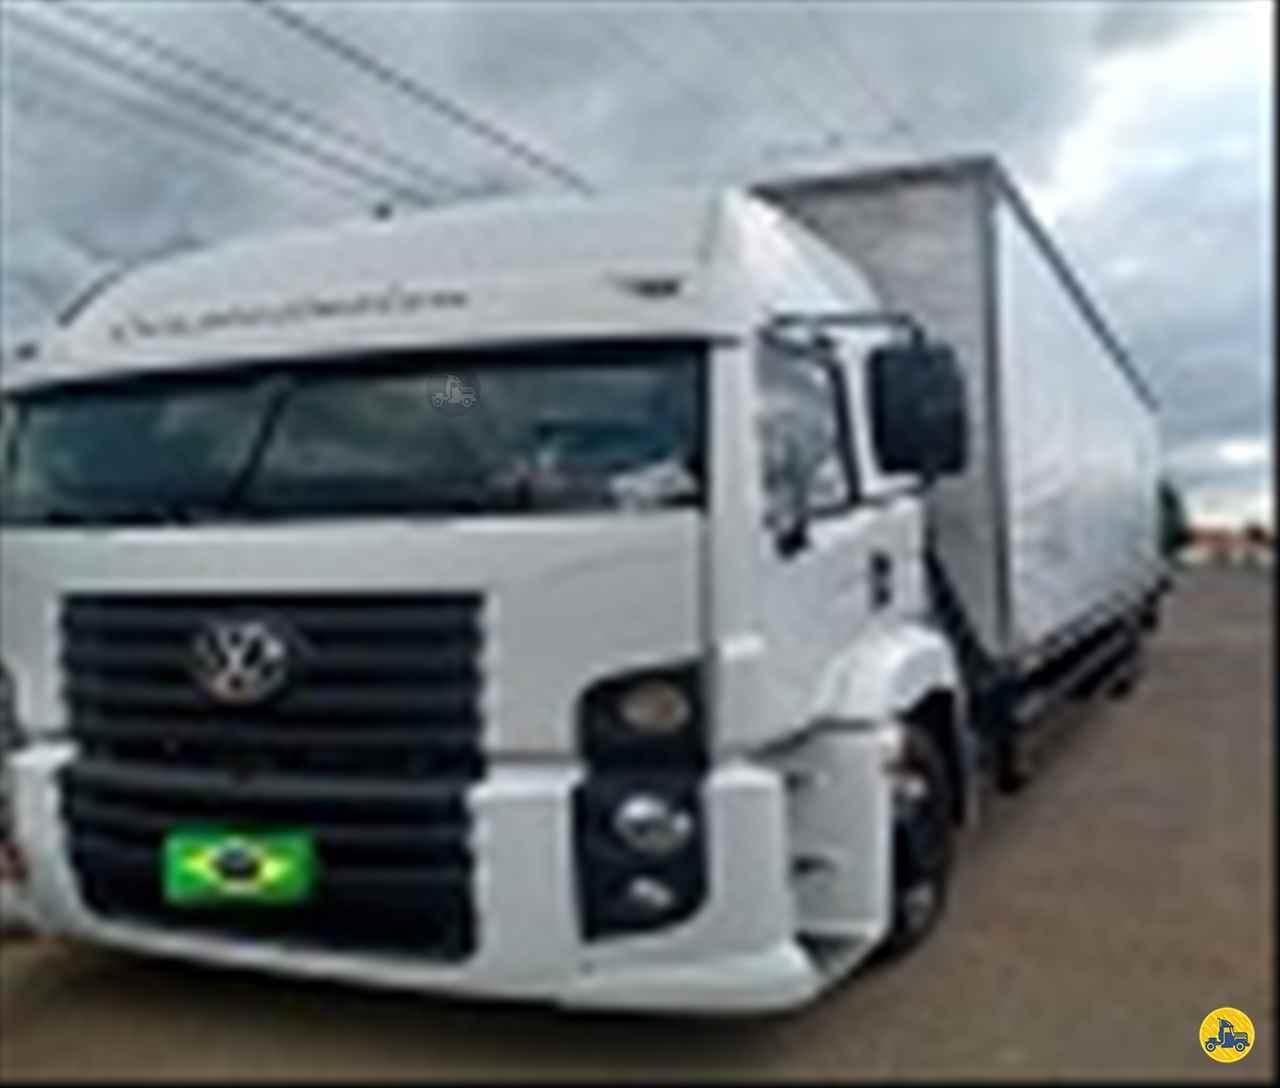 CAMINHAO VOLKSWAGEN VW 24320 Baú Furgão Truck 6x2 Maracavel Londrina Caminhões LONDRINA PARANÁ PR